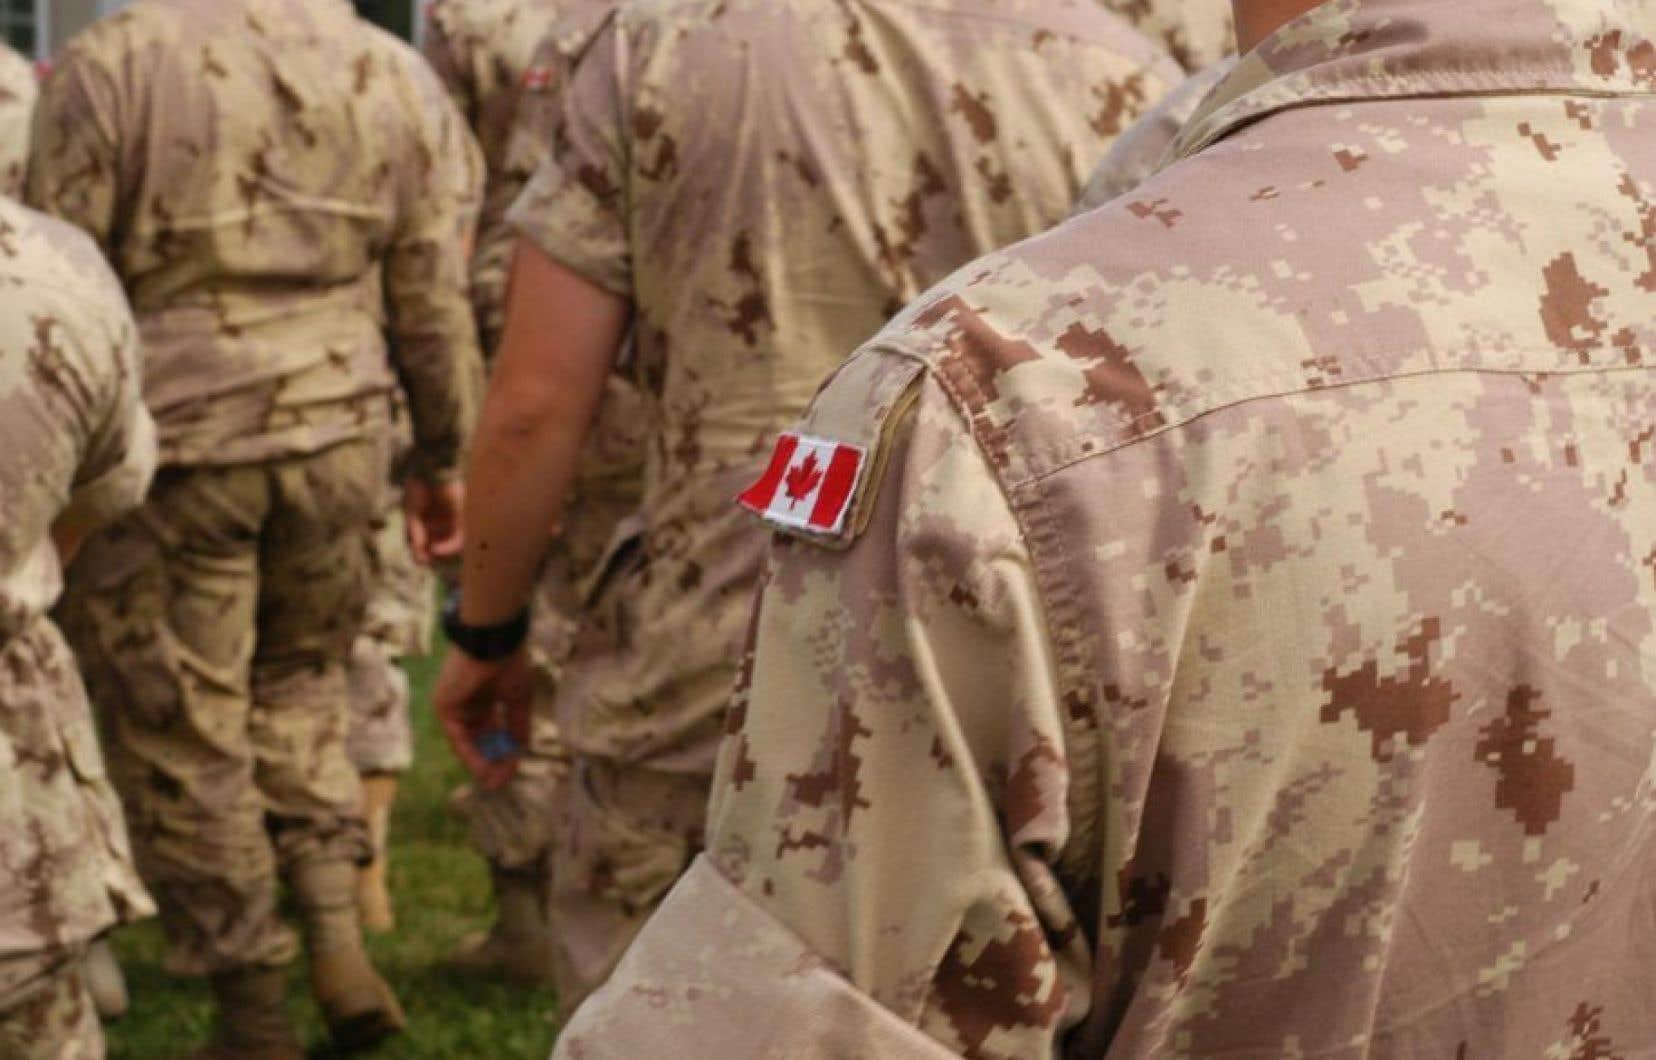 La police militaire prévoit réviser plus de 150 cas d'inconduite sexuelle rapportés entre2010 et2016 et alors jugés non fondés.